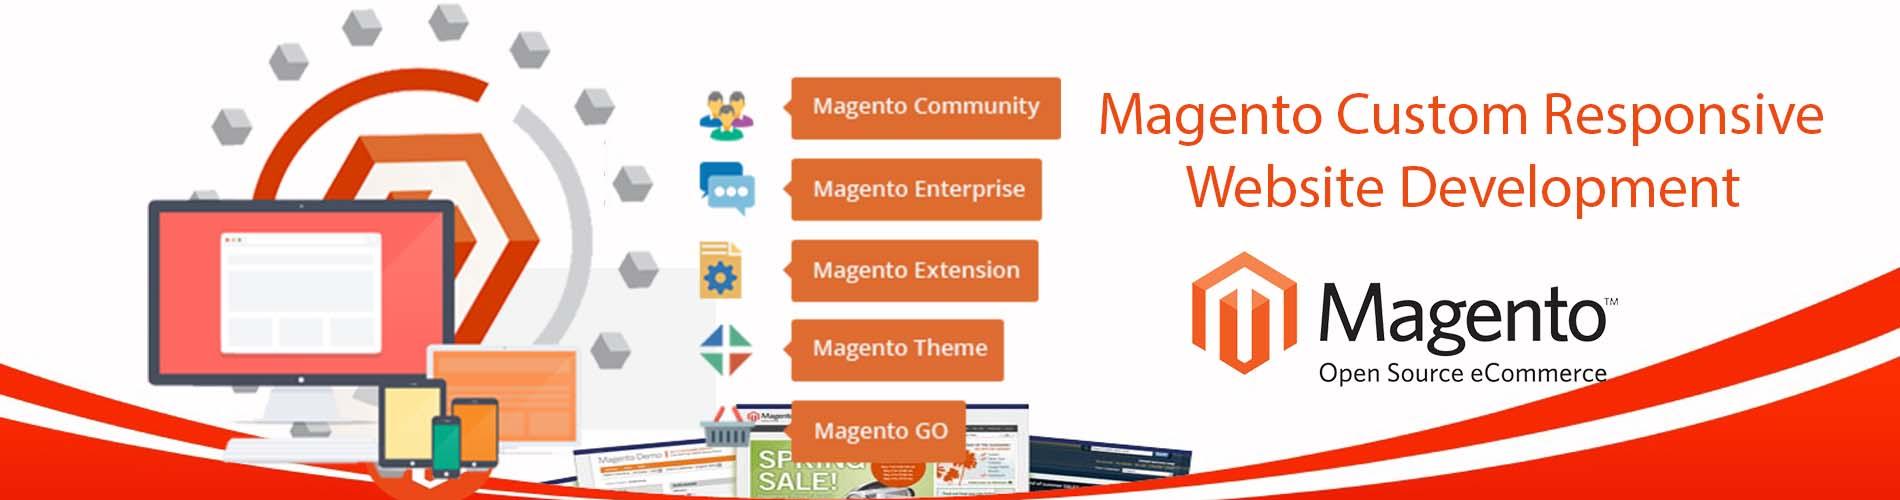 magento-website-development-company